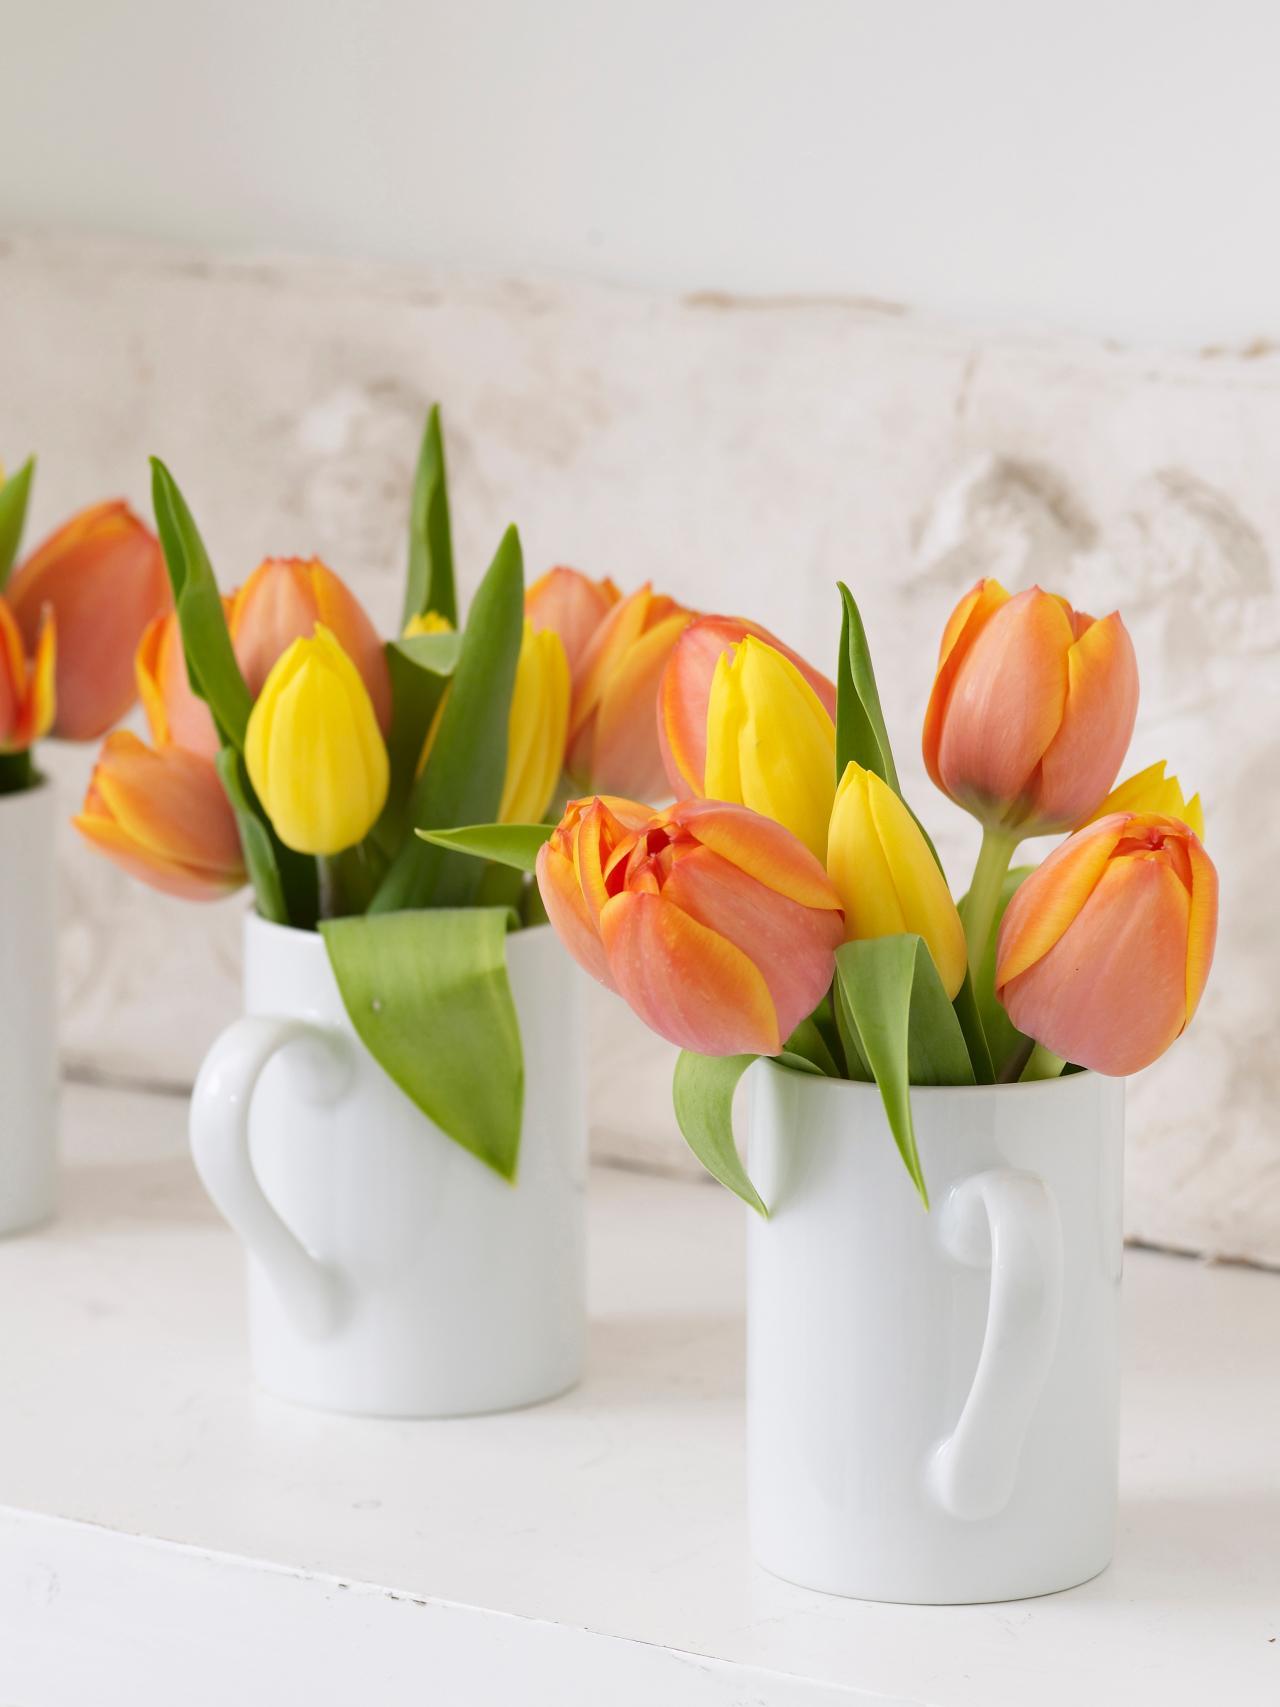 Les fleurs  la meilleure dcoration maison au printemps